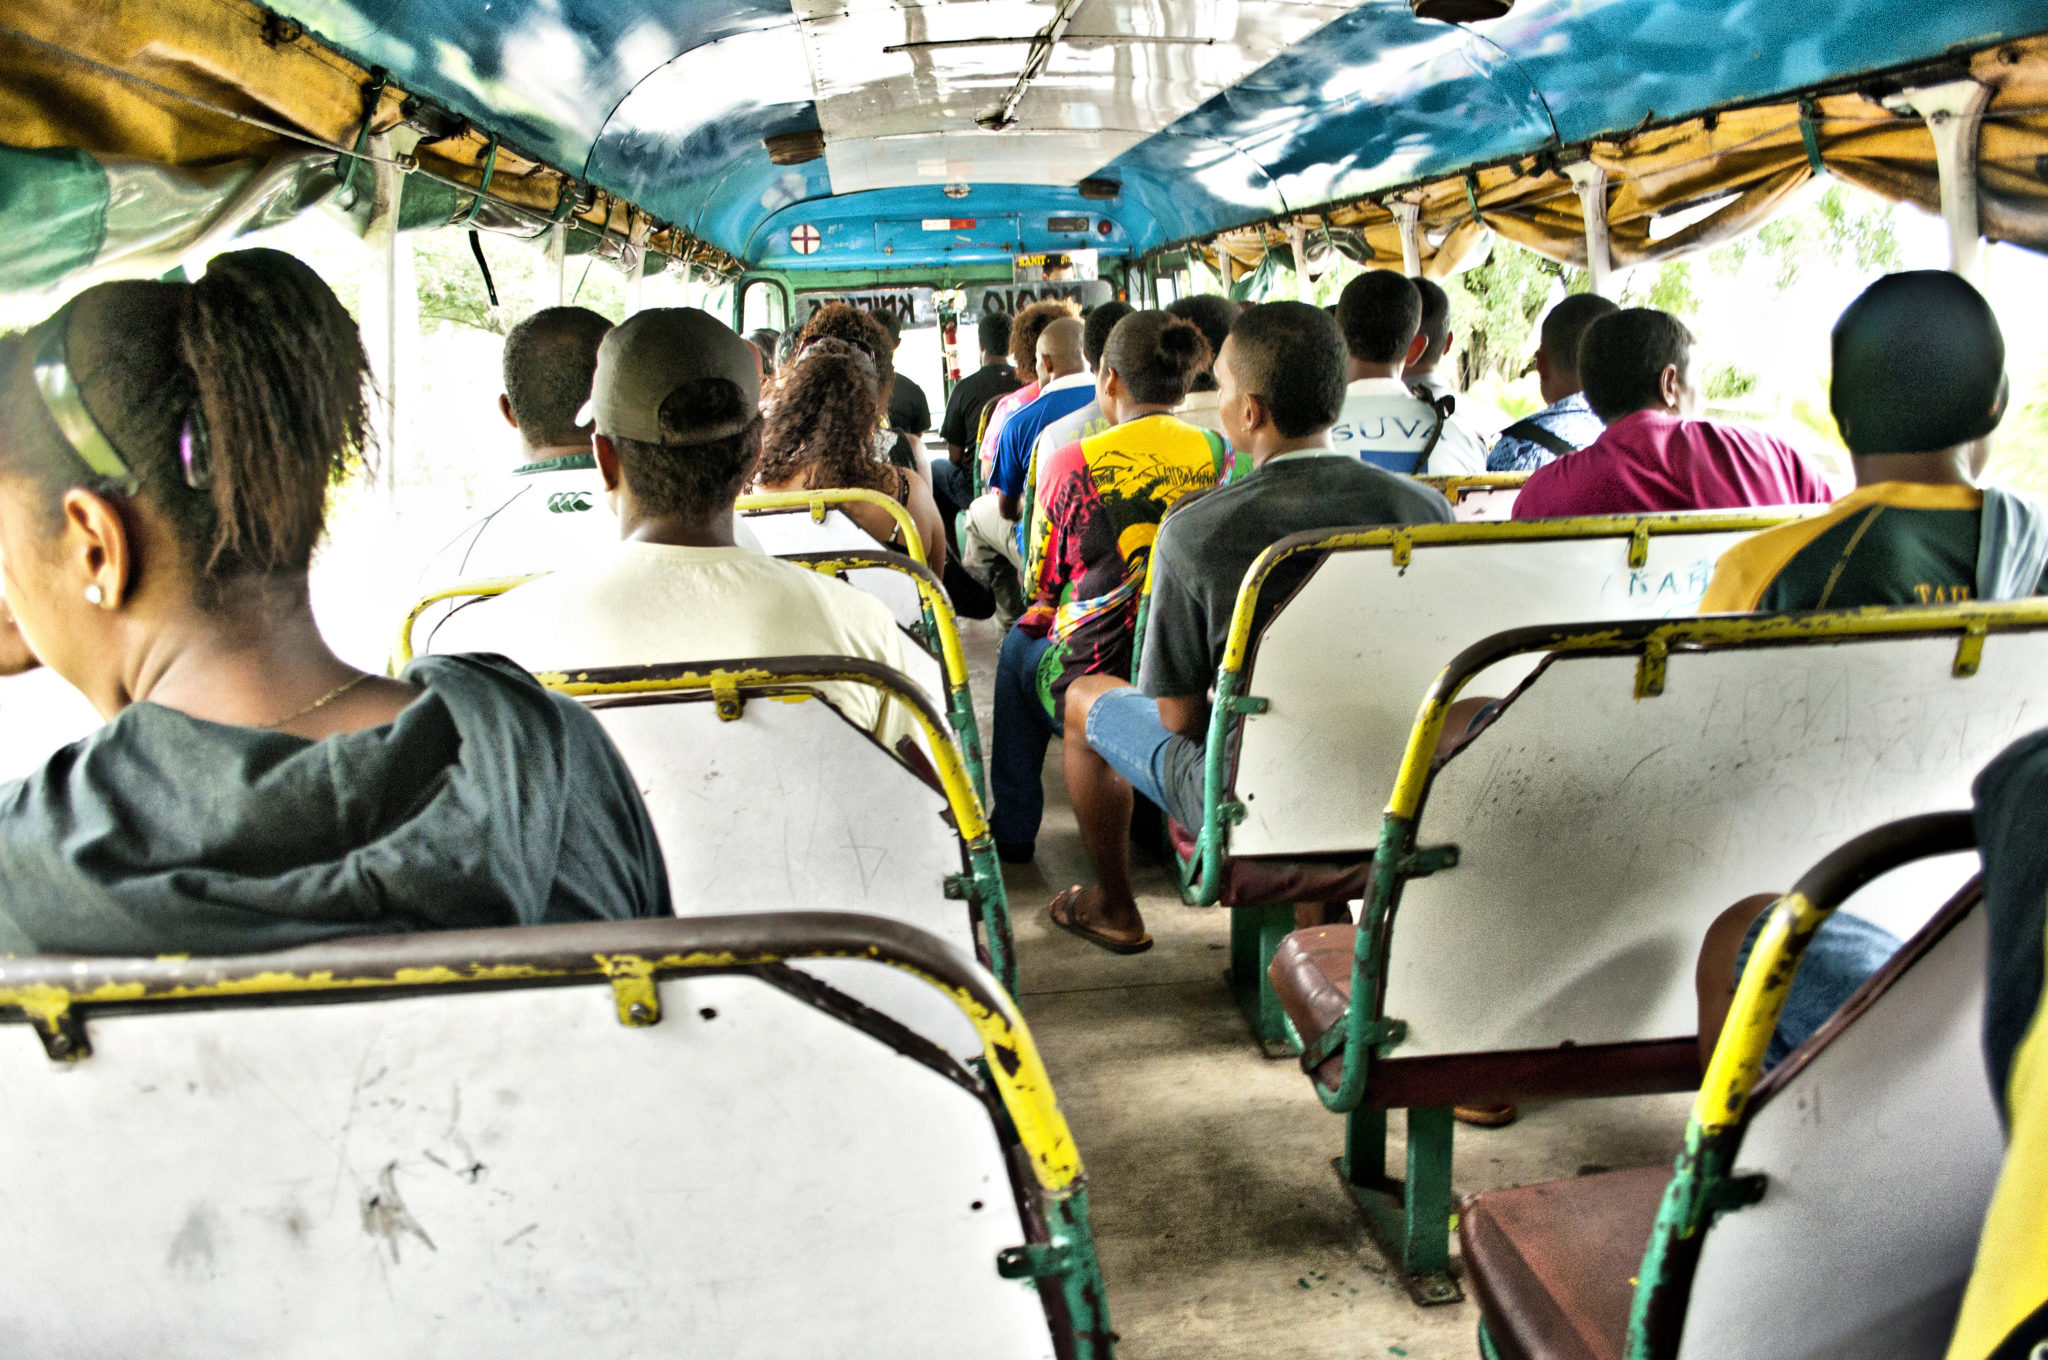 Mit dem Bus im Fidschi Urlaub unterwegs